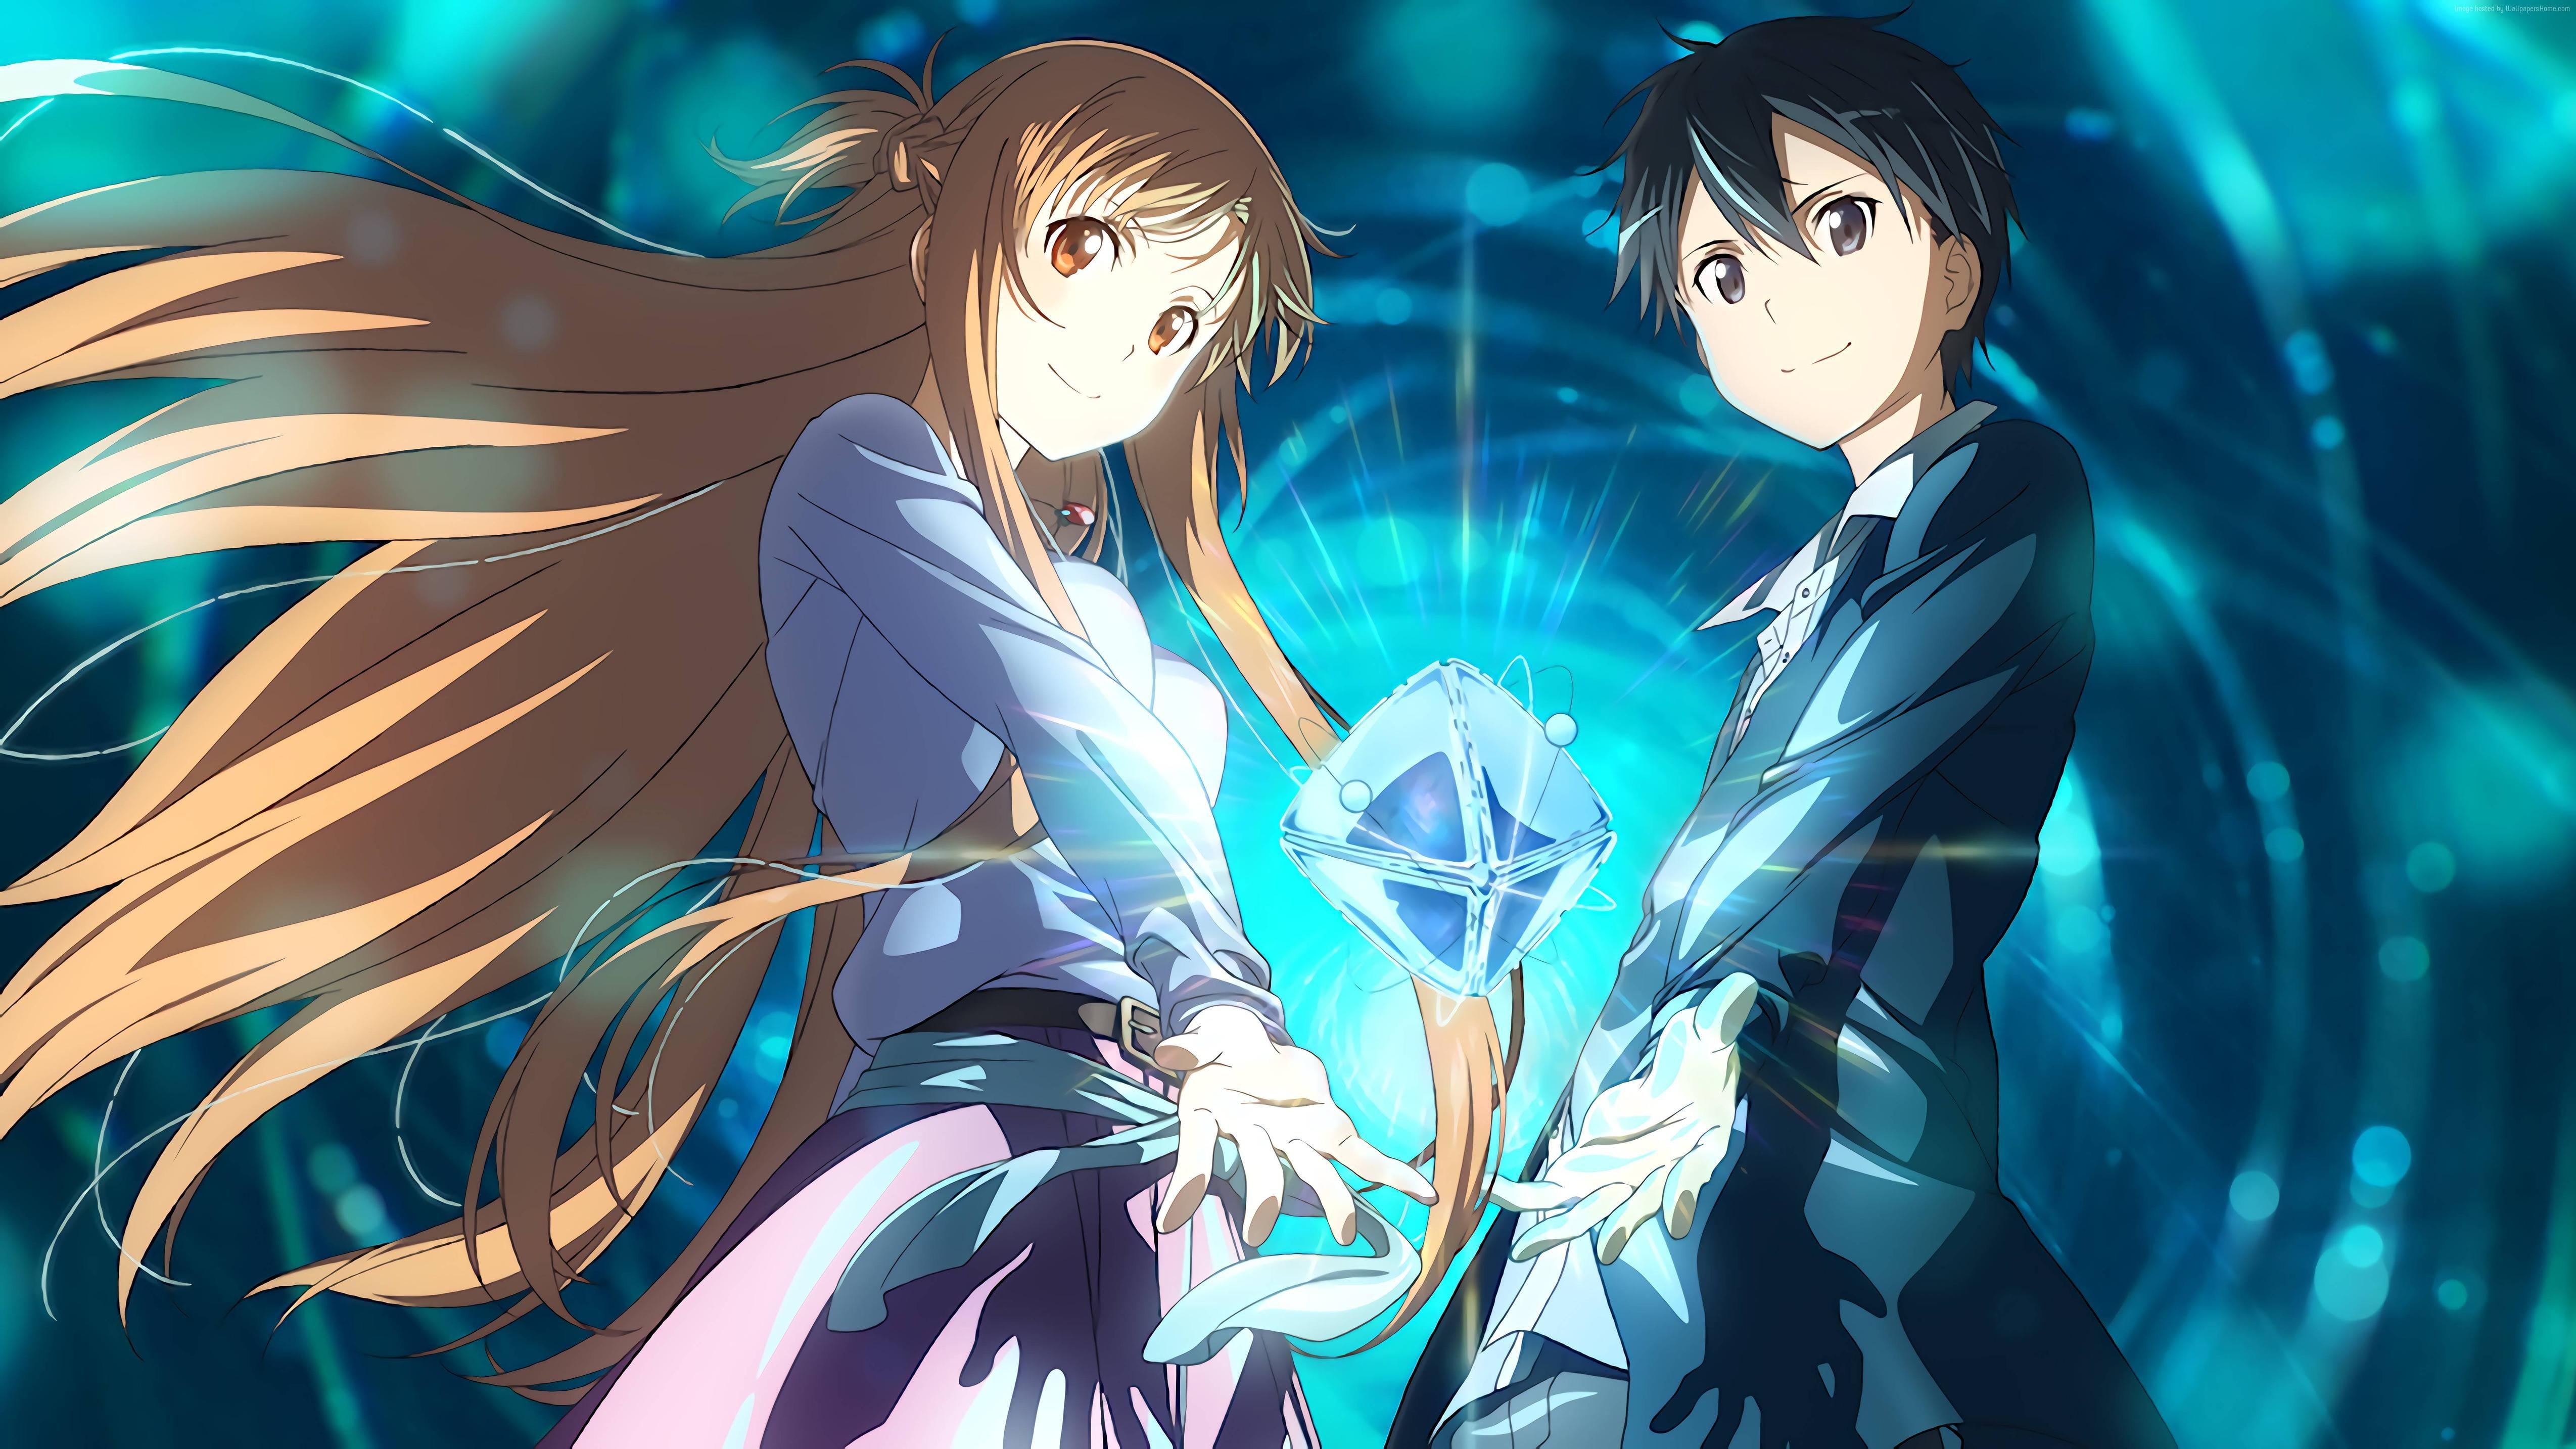 Sword Art Online 2256906 Hd Wallpaper Backgrounds Download